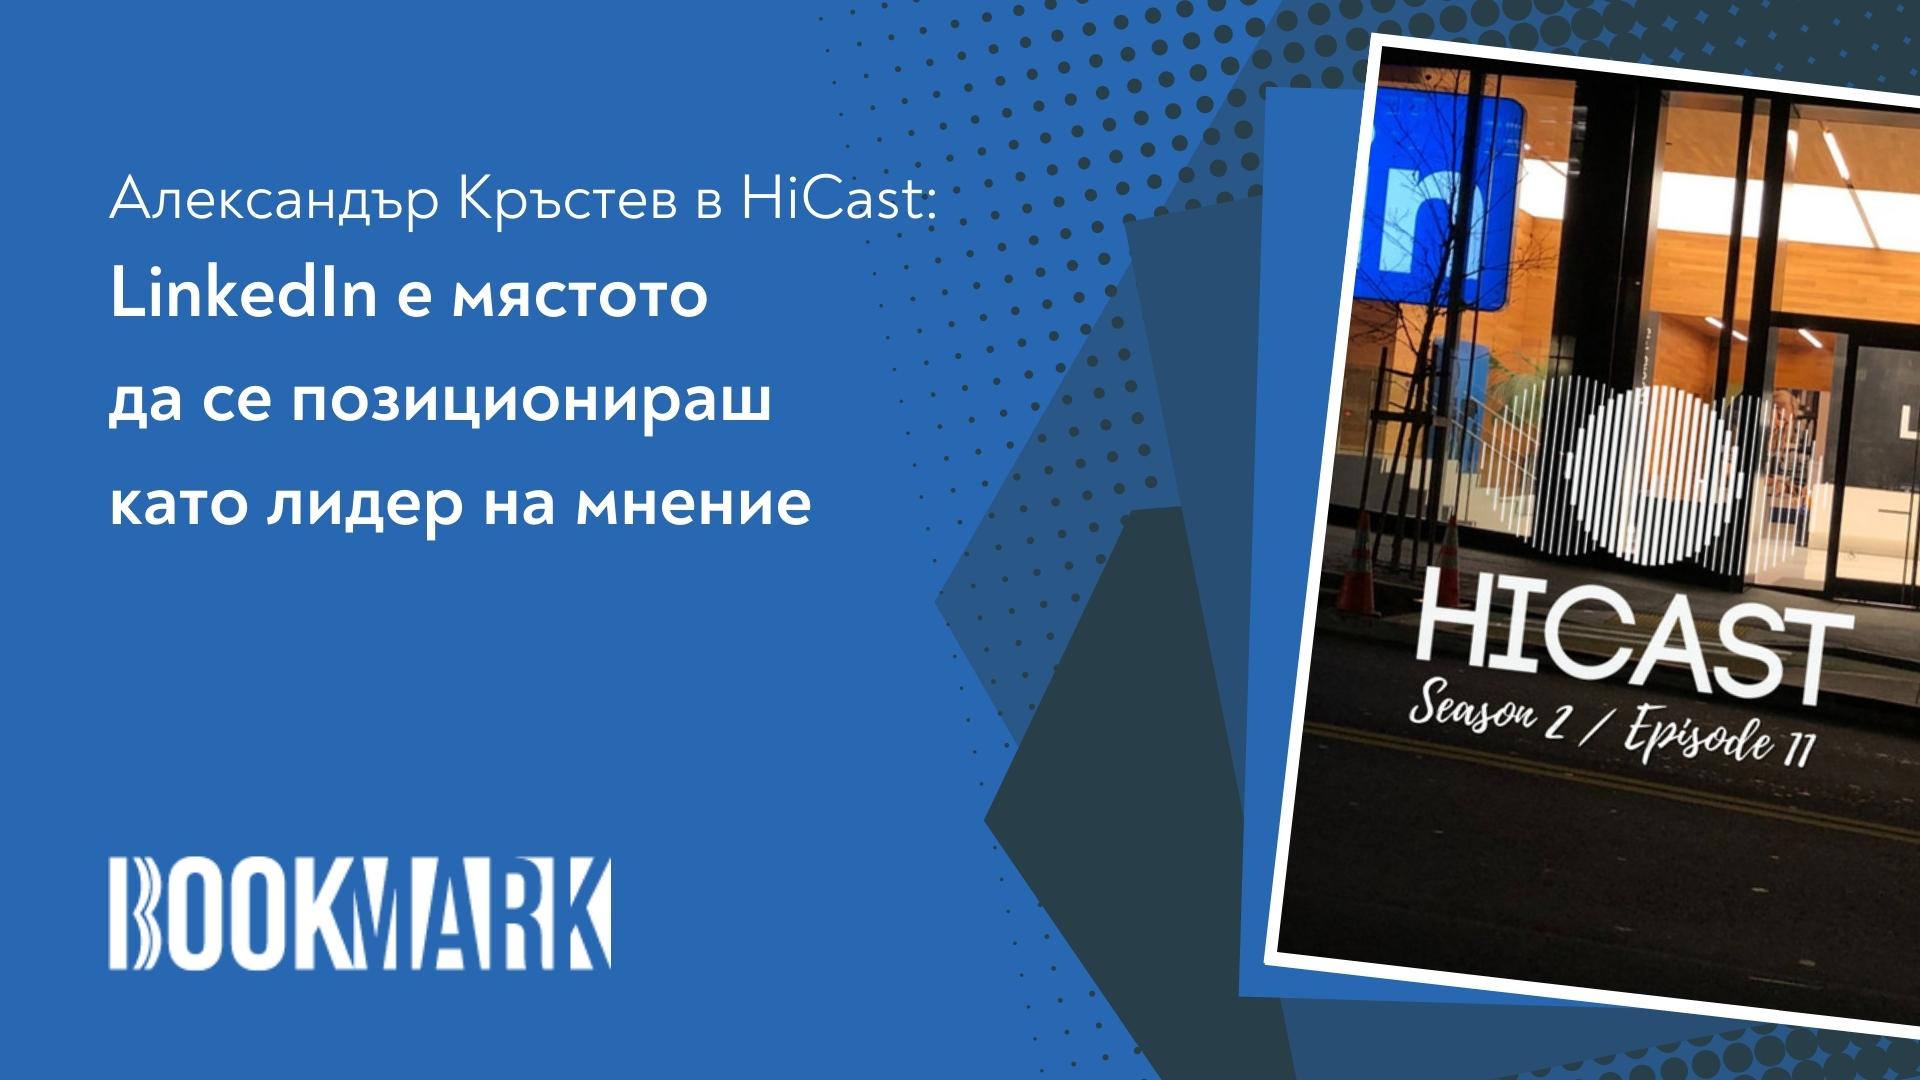 Александър Кръстев в HiCast: LinkedIn е мястото да се позиционираш като лидер на мнение